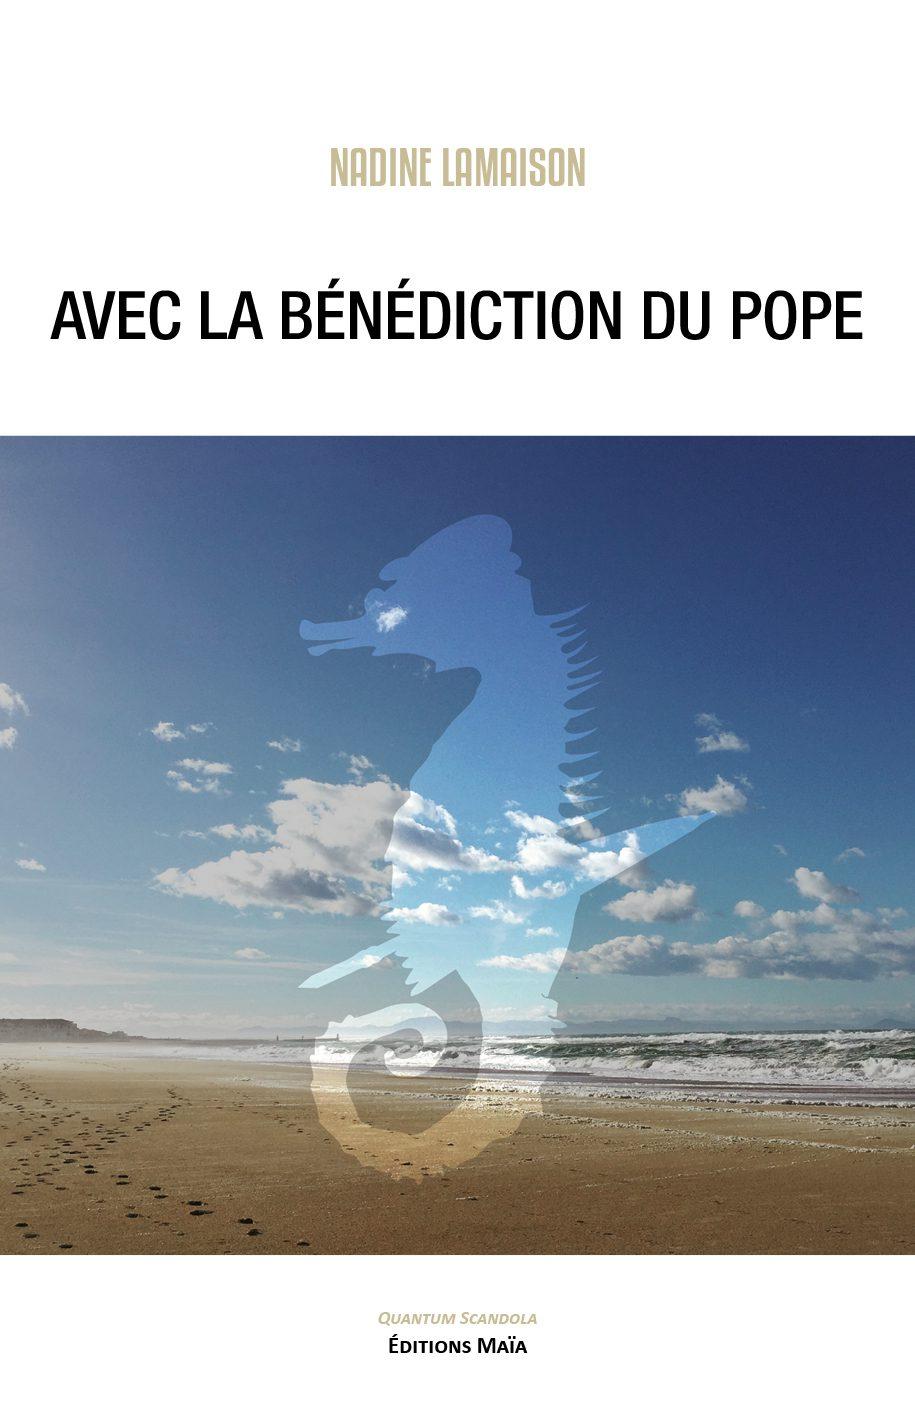 Entretien avec Nadine Lamaison – Avec la bénédiction du Pope